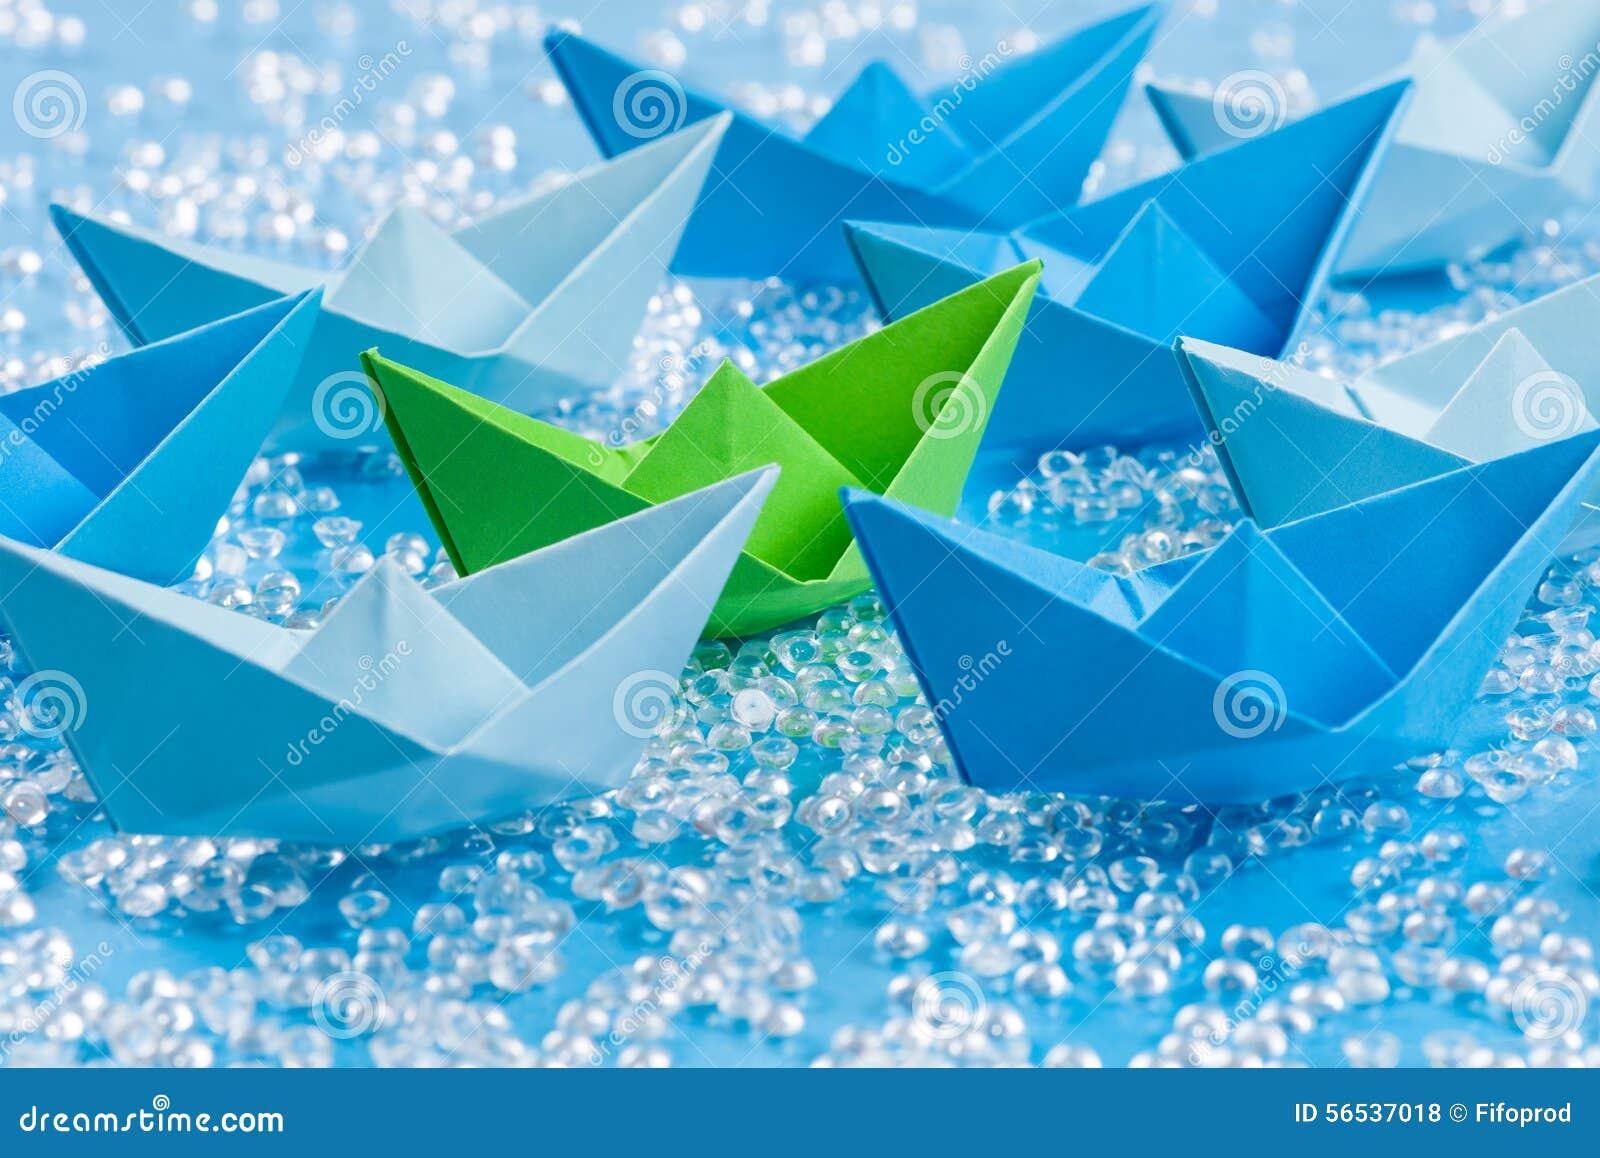 Greenpeace: Vloot van blauwe Origamidocument schepen op blauw water zoals achtergrond die groene omringen